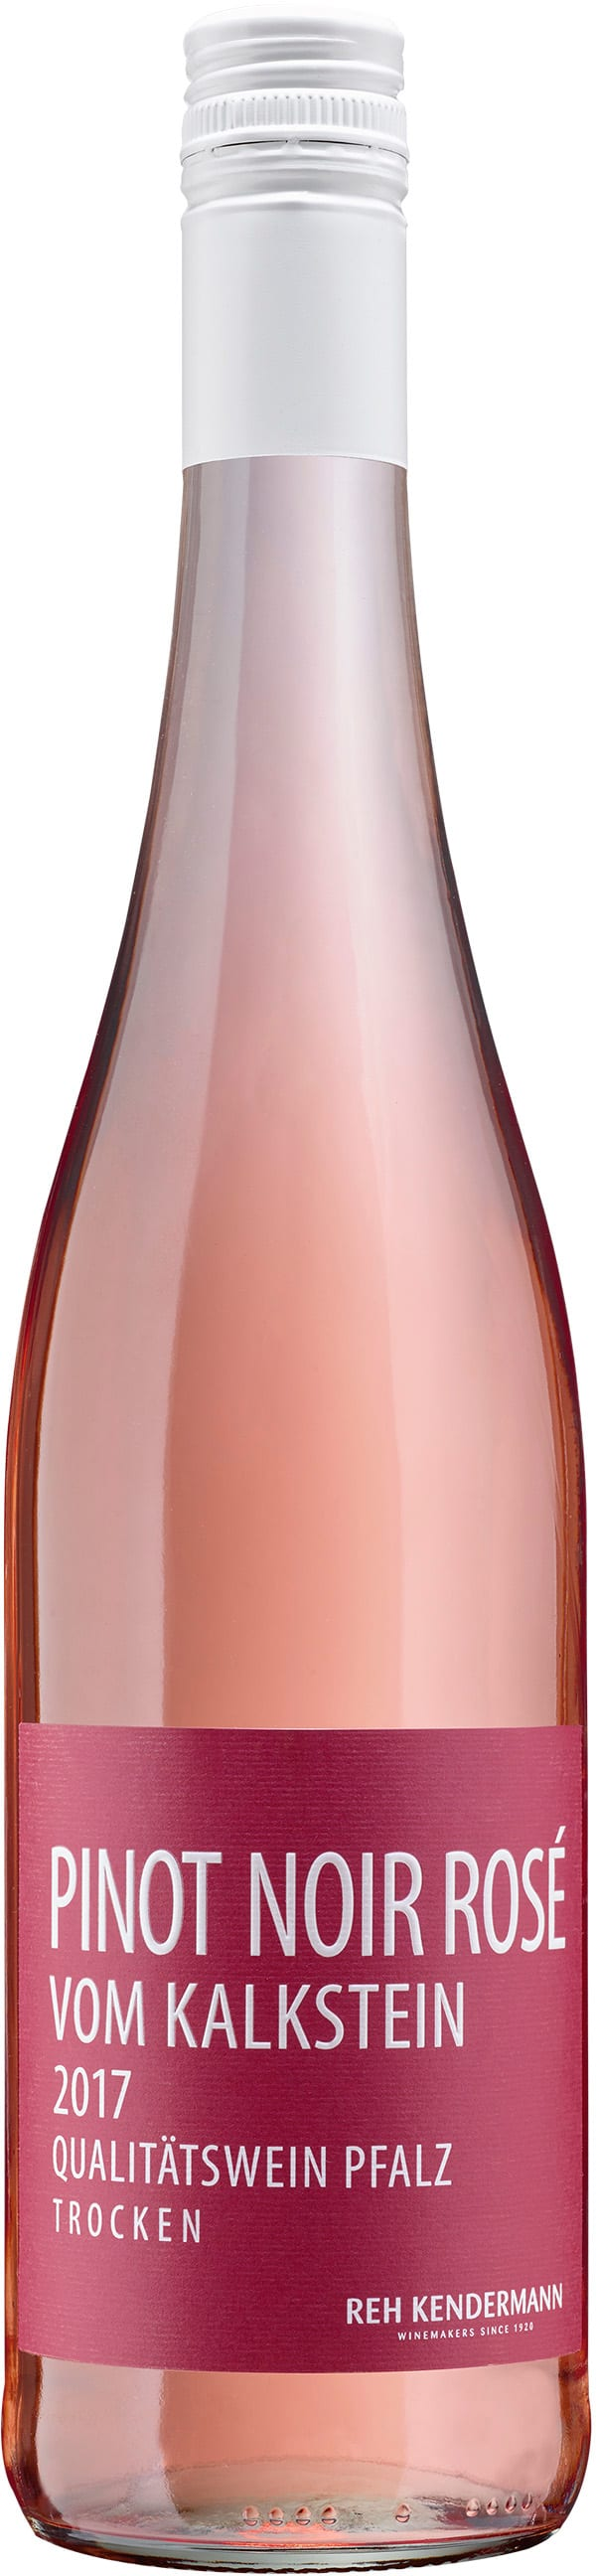 Reh Kendermann Pinot Noir Rose Vom Kalkstein 2017